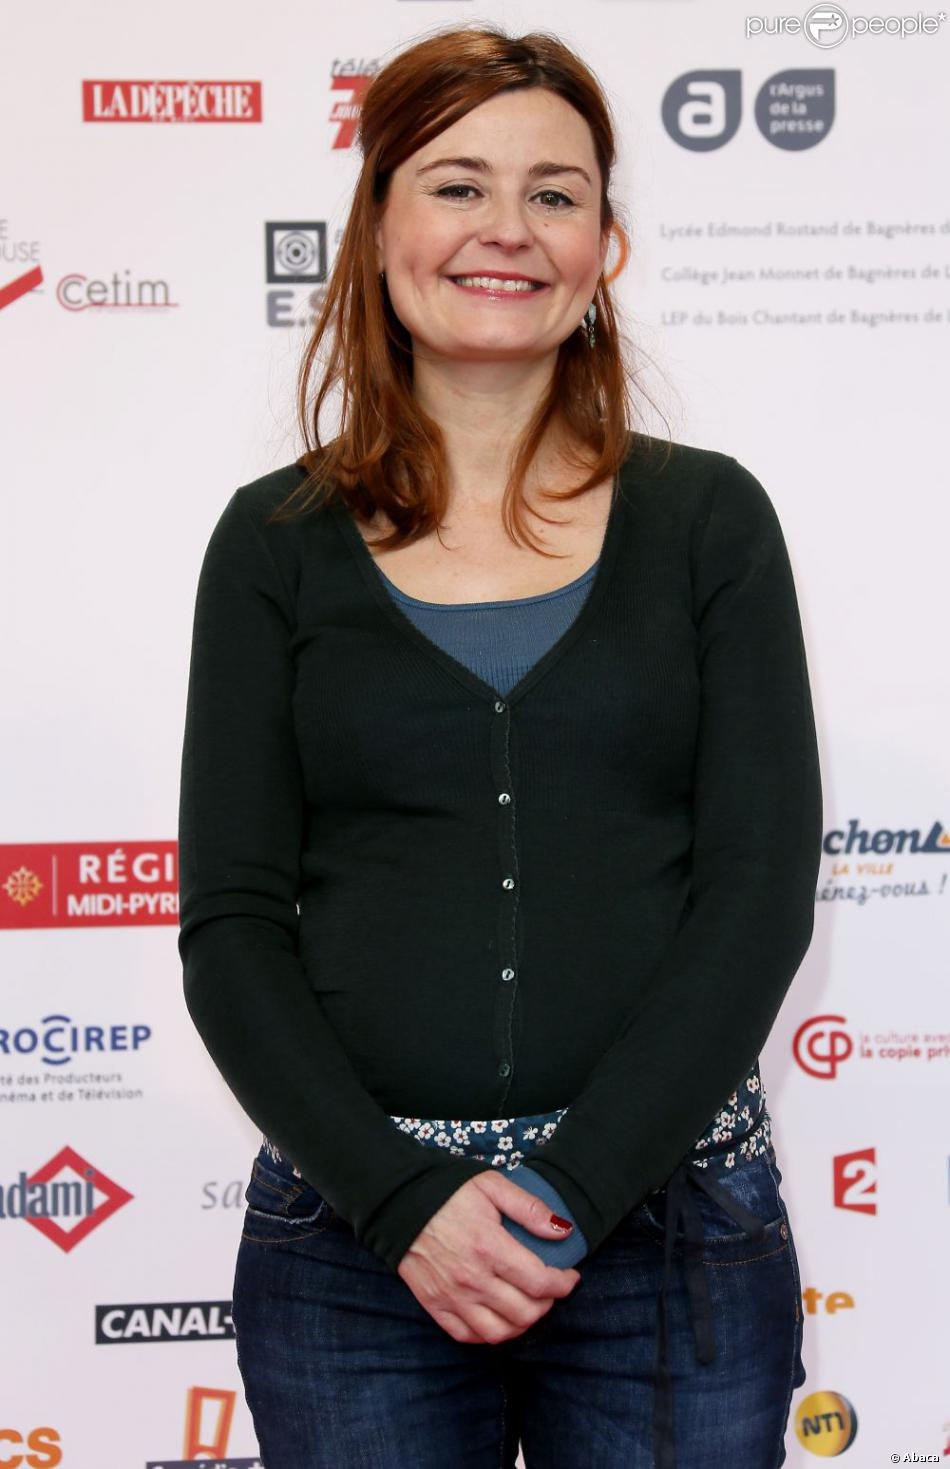 Christelle Reboul au Festival de la création télévisuelle de Luchon, le 14 février 2013.